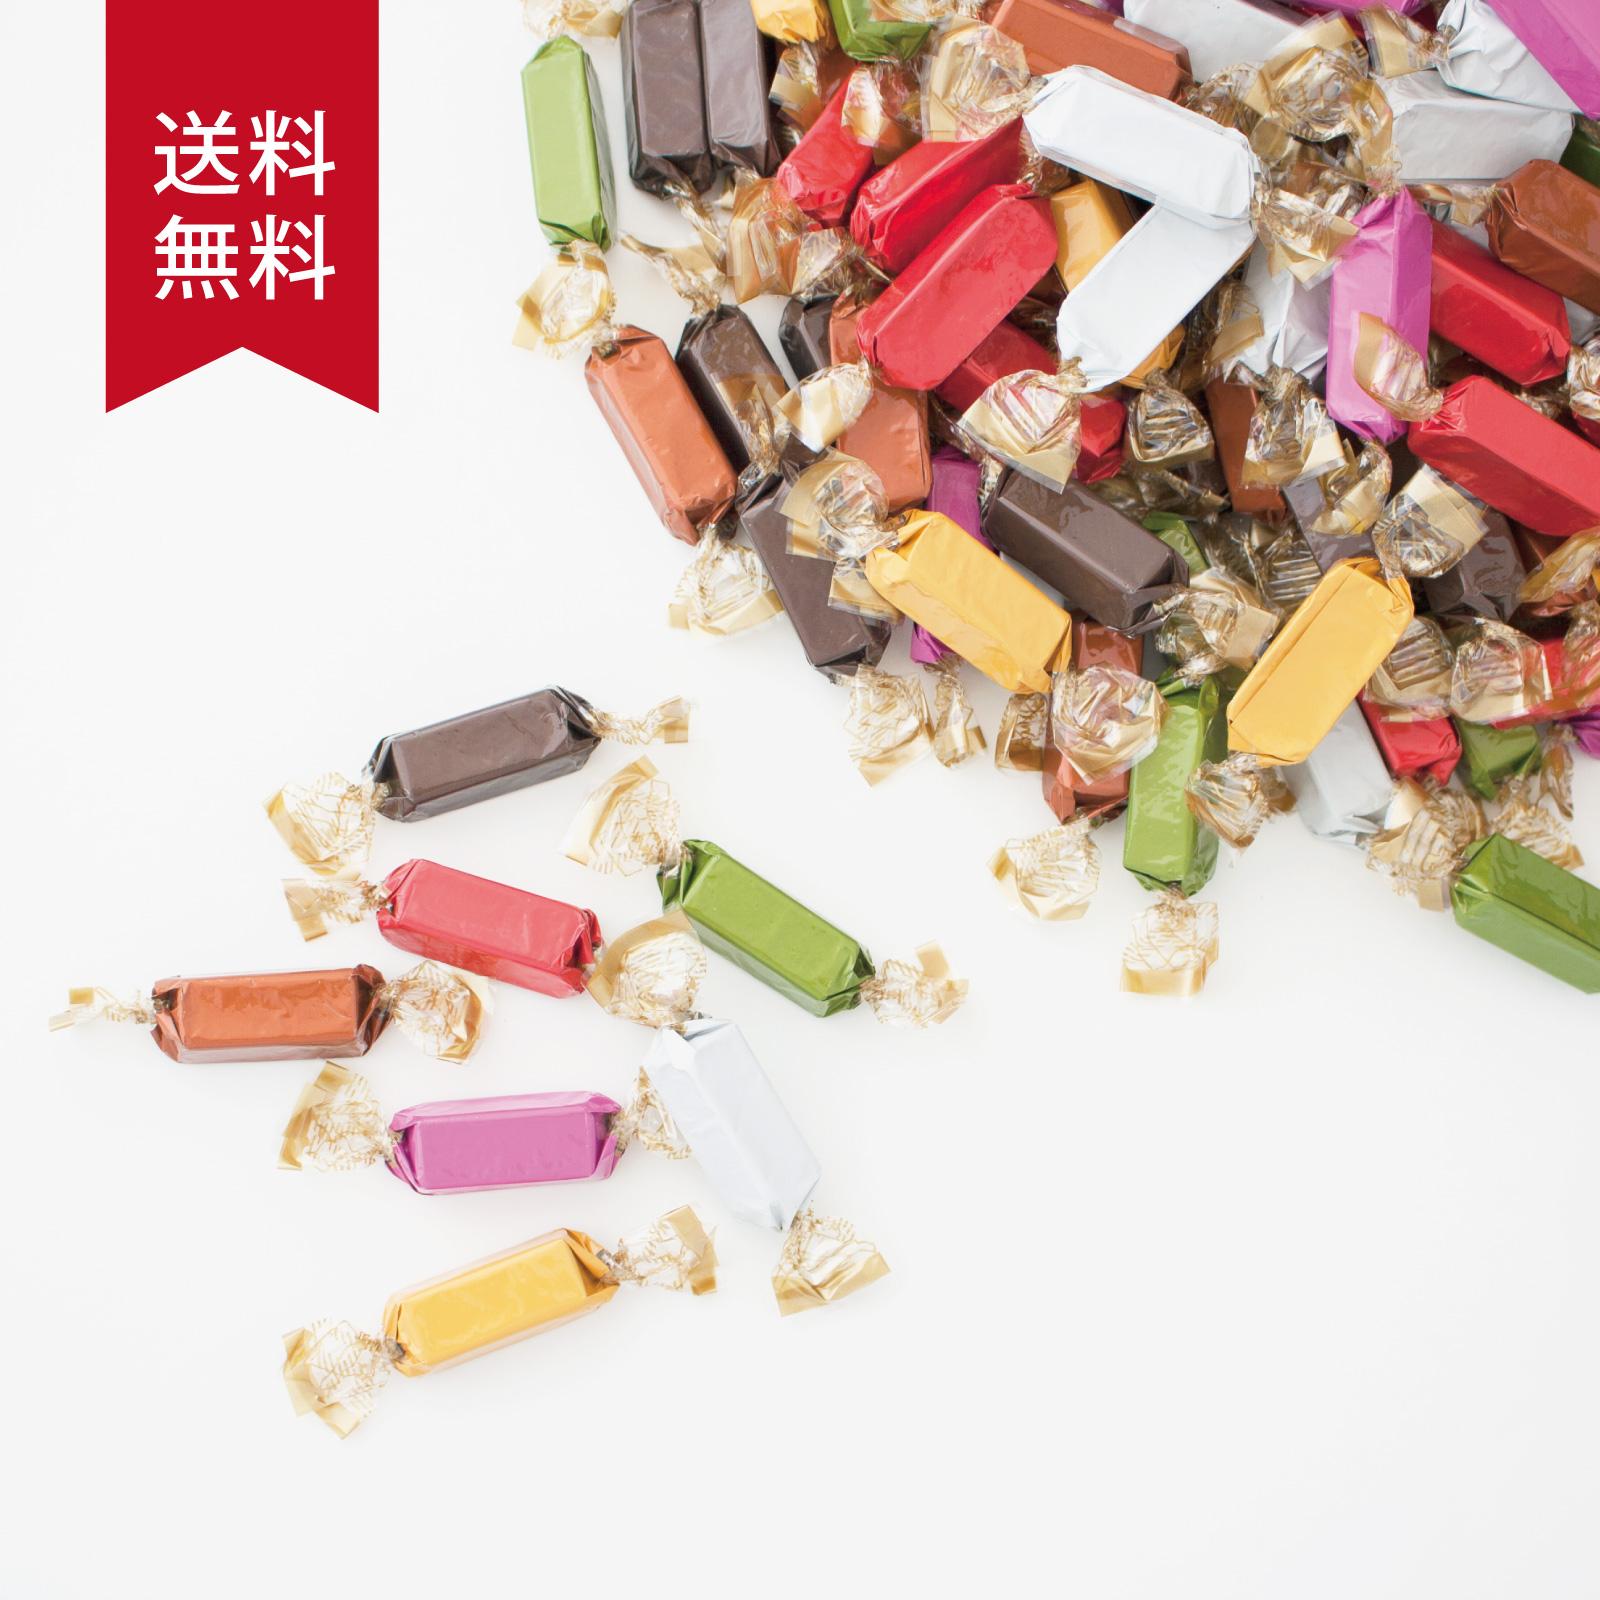 【送料無料・同梱可!】0068 セブンチョコレート BOX 750g